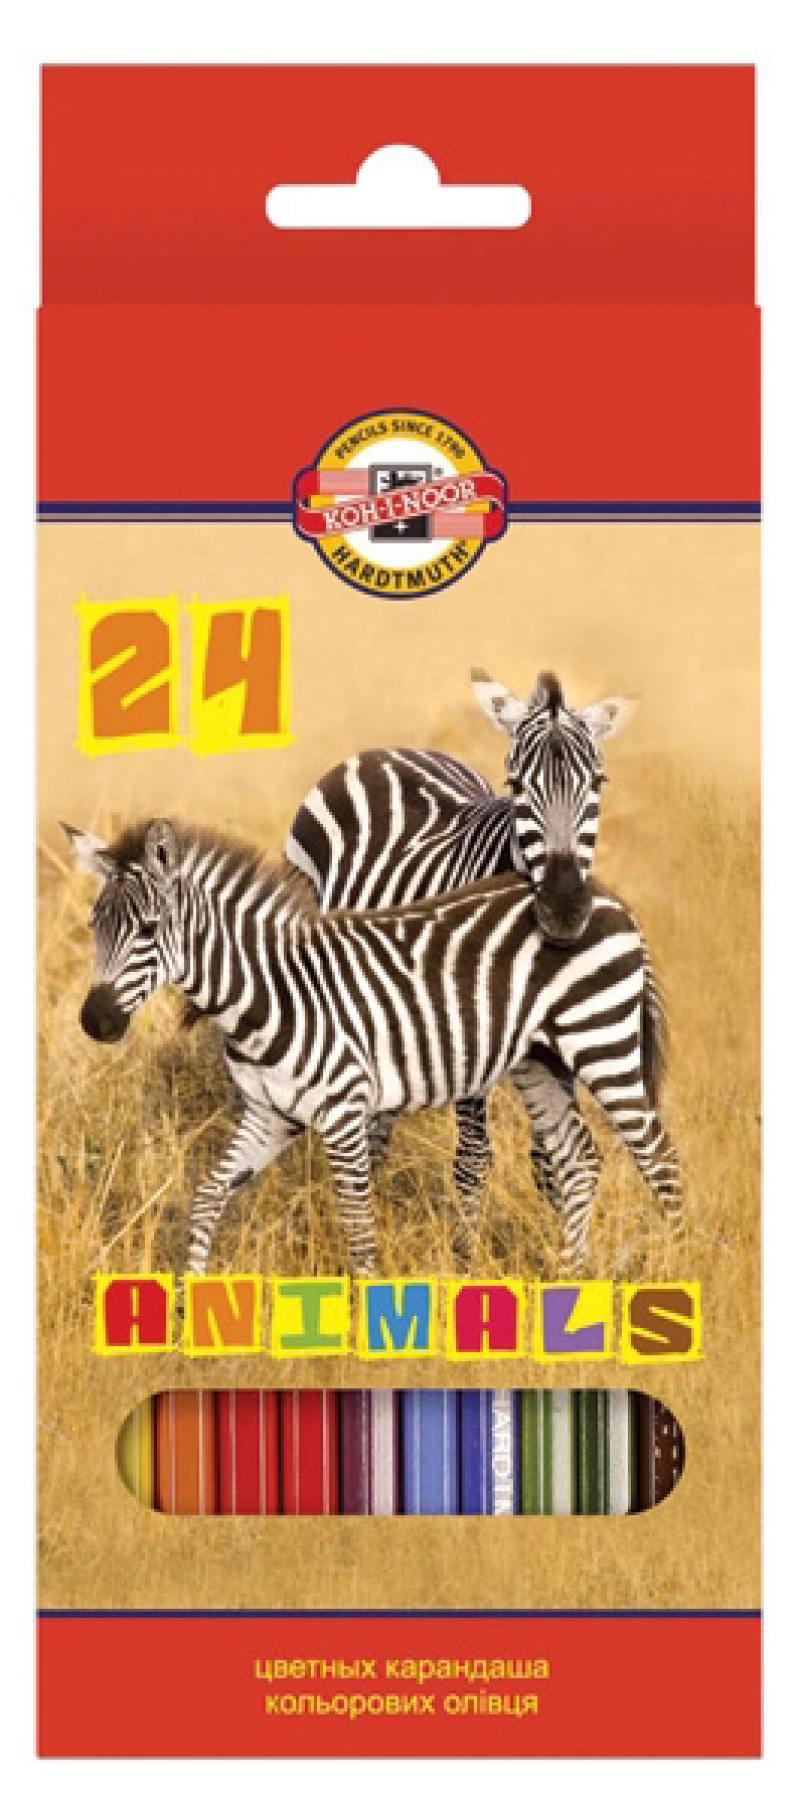 Набор цветных карандашей Koh-i-Noor Животные 24 шт 3554/24 8 KS 3554/24 8 KS набор цветных карандашей silwerhof 134206 24 народная коллекция 24 шт